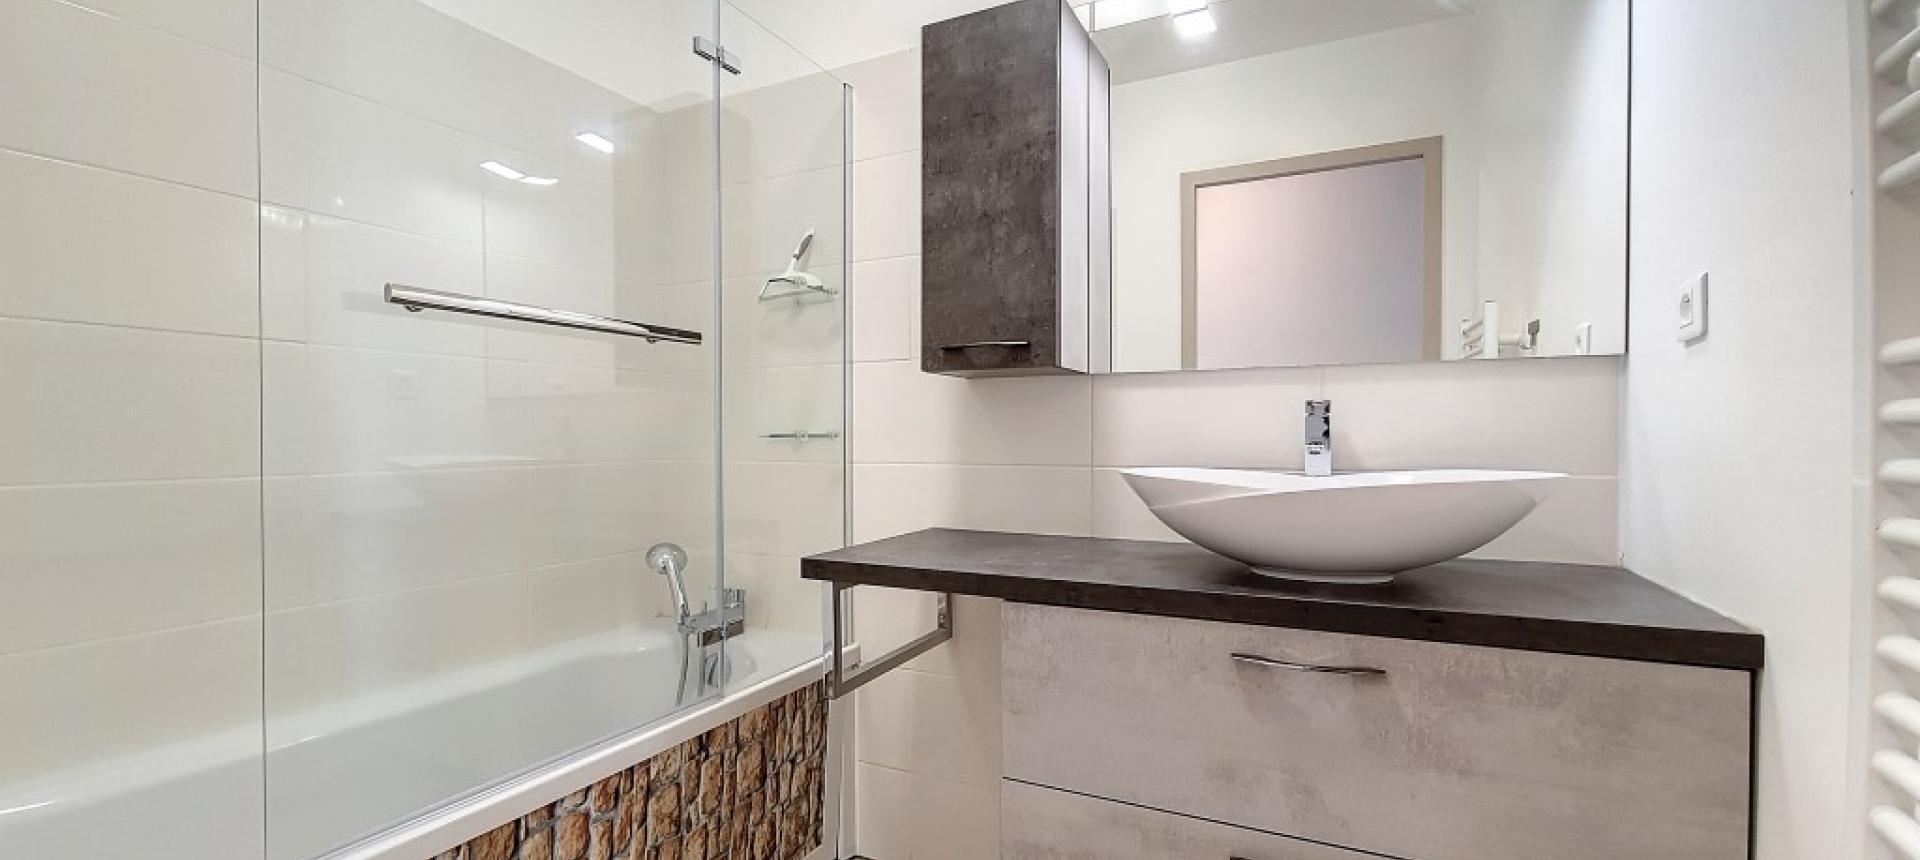 F4 à louer secteur Atrium le Nerval salle de bain